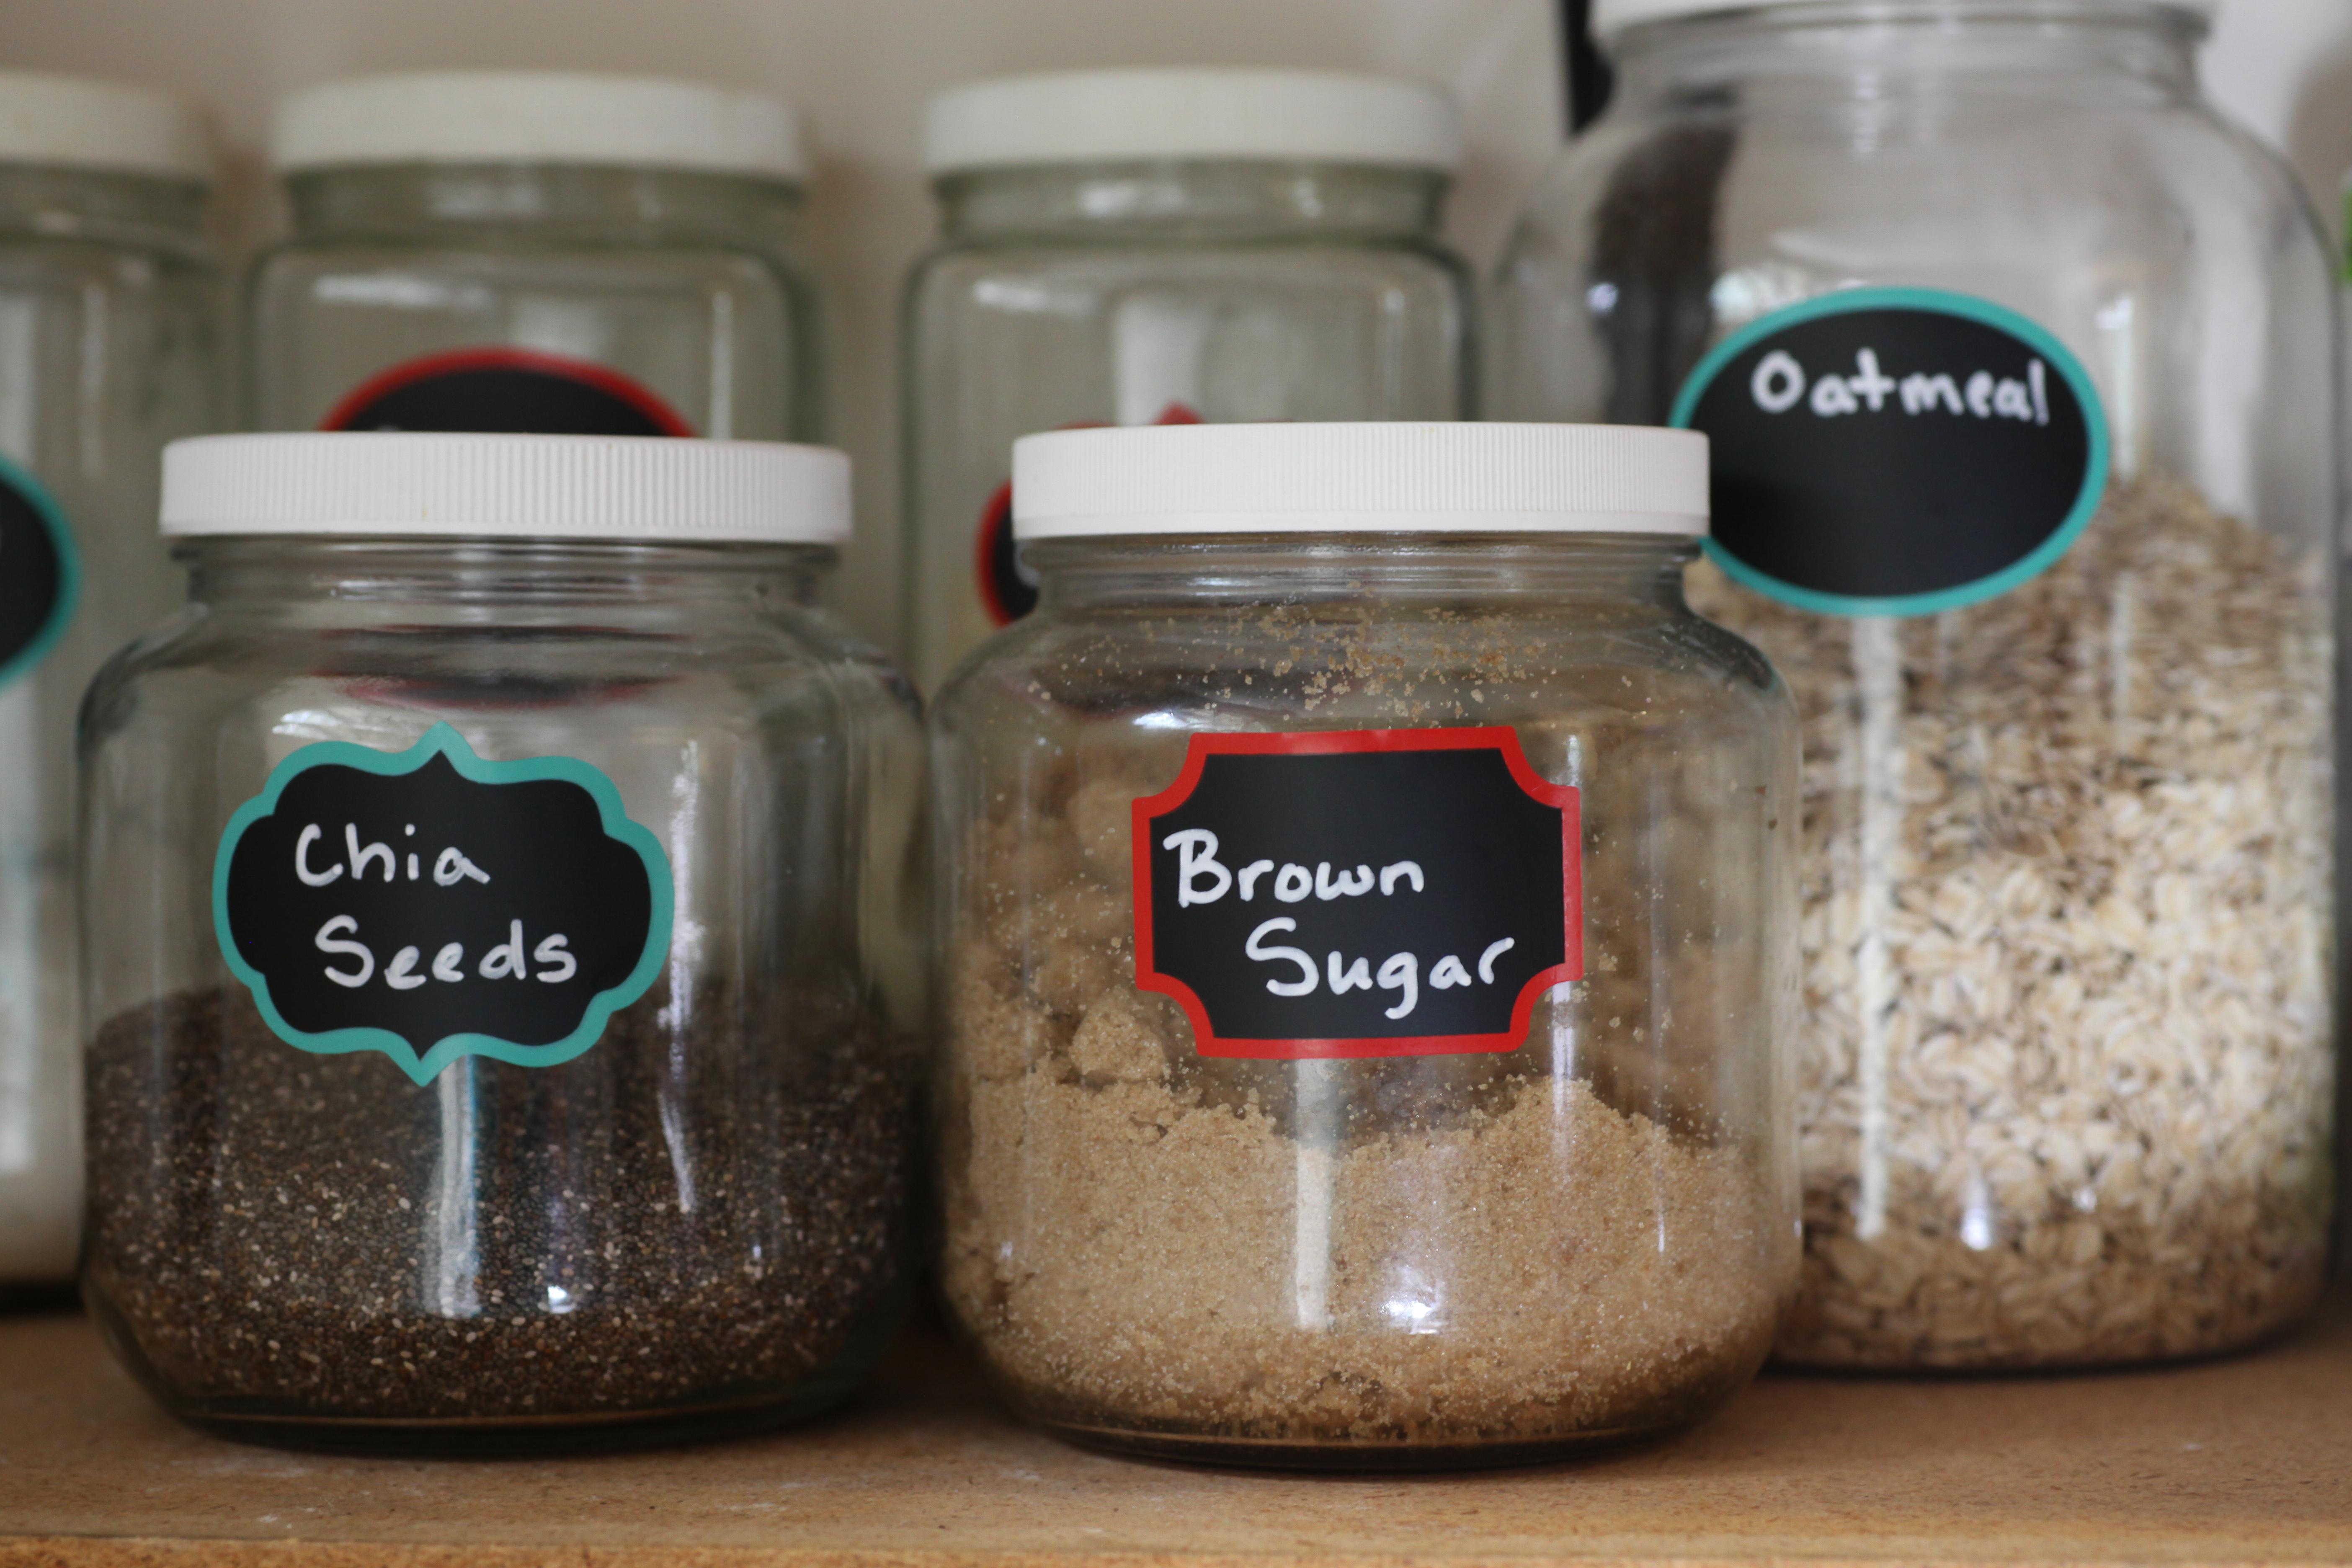 Labels on food jars in pantry.